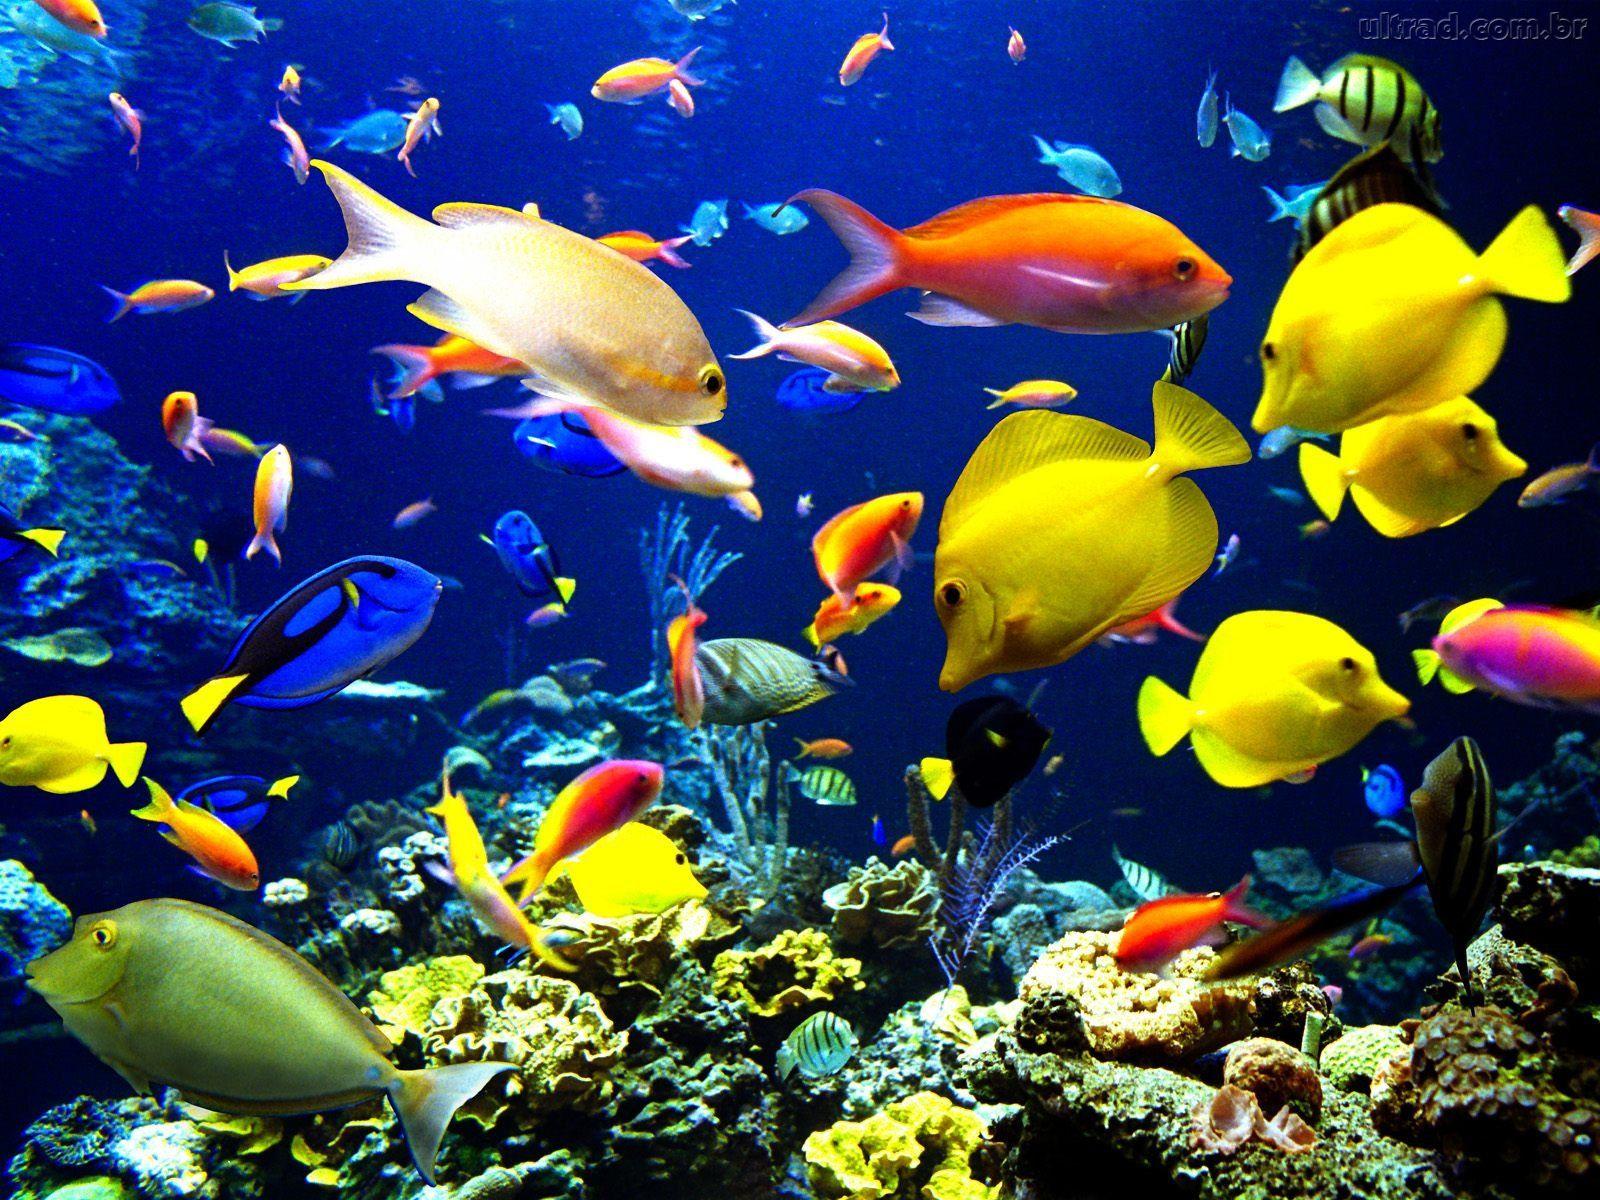 Amo Biologia: Aquecimento de oceanos pode fazer peixes encolherem, diz ...